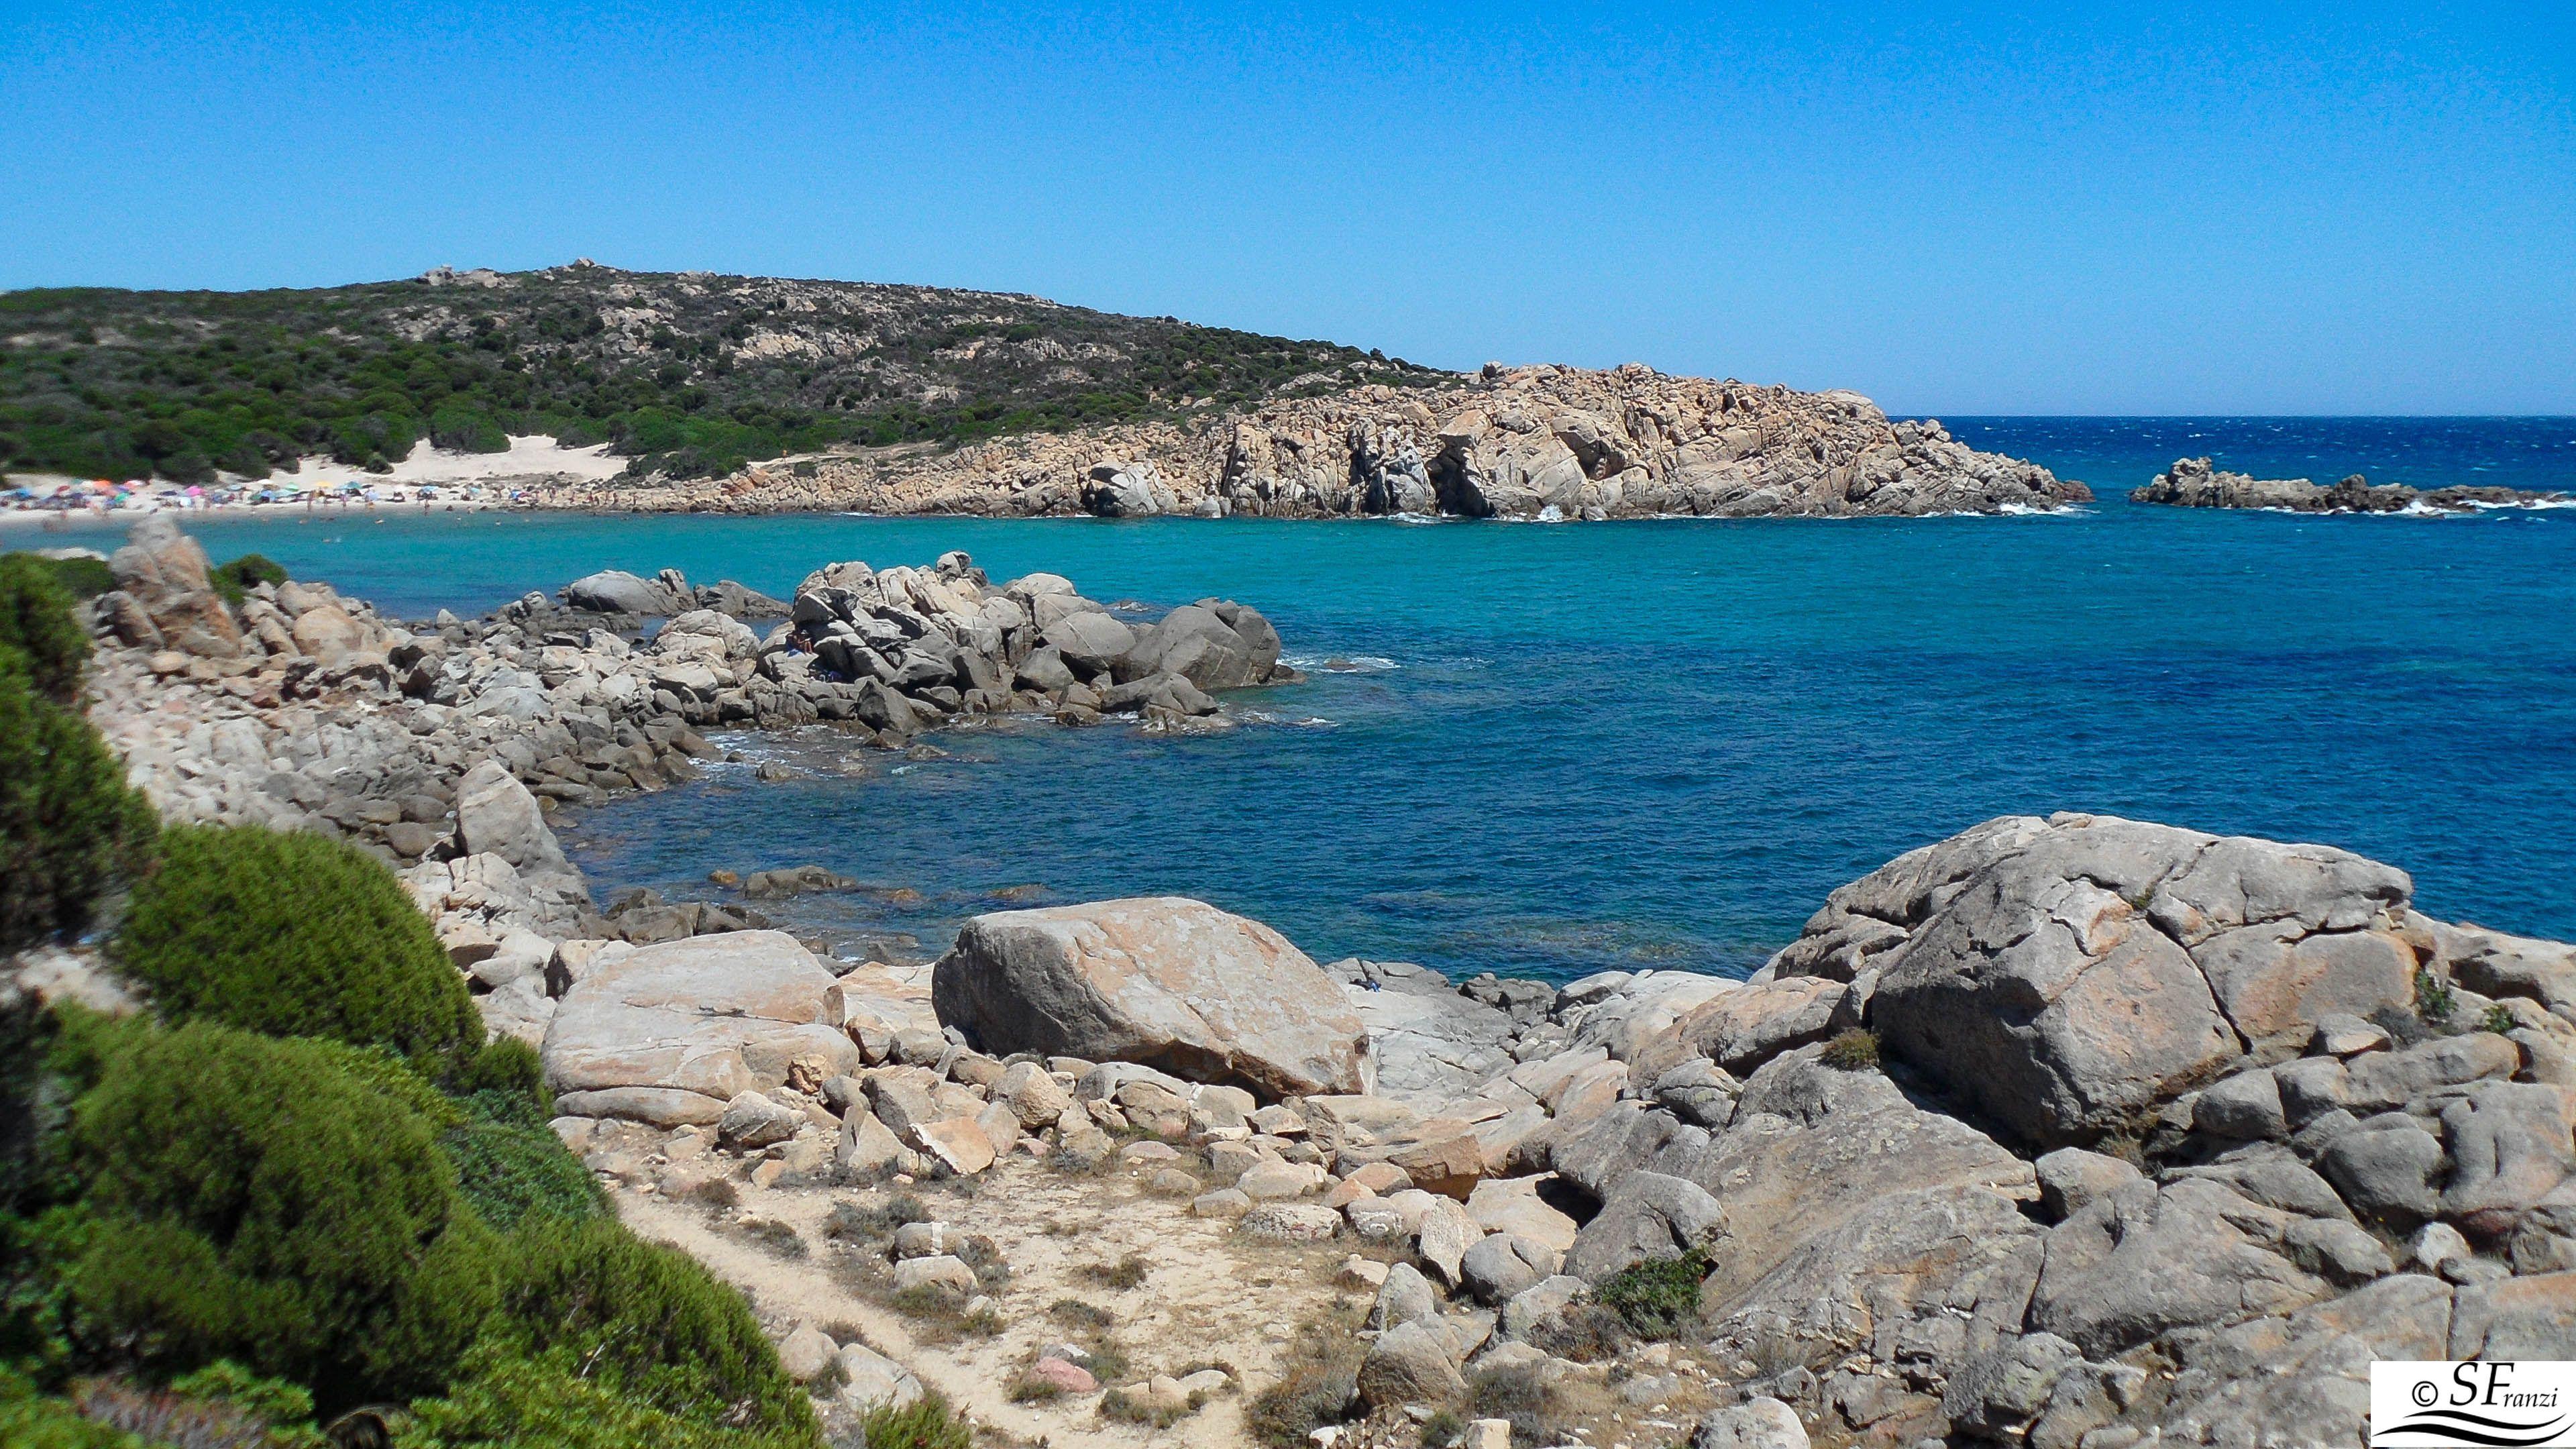 Sud ovest sardegna spiagge e mare viaggiare lontano for Disegni di casa sud ovest